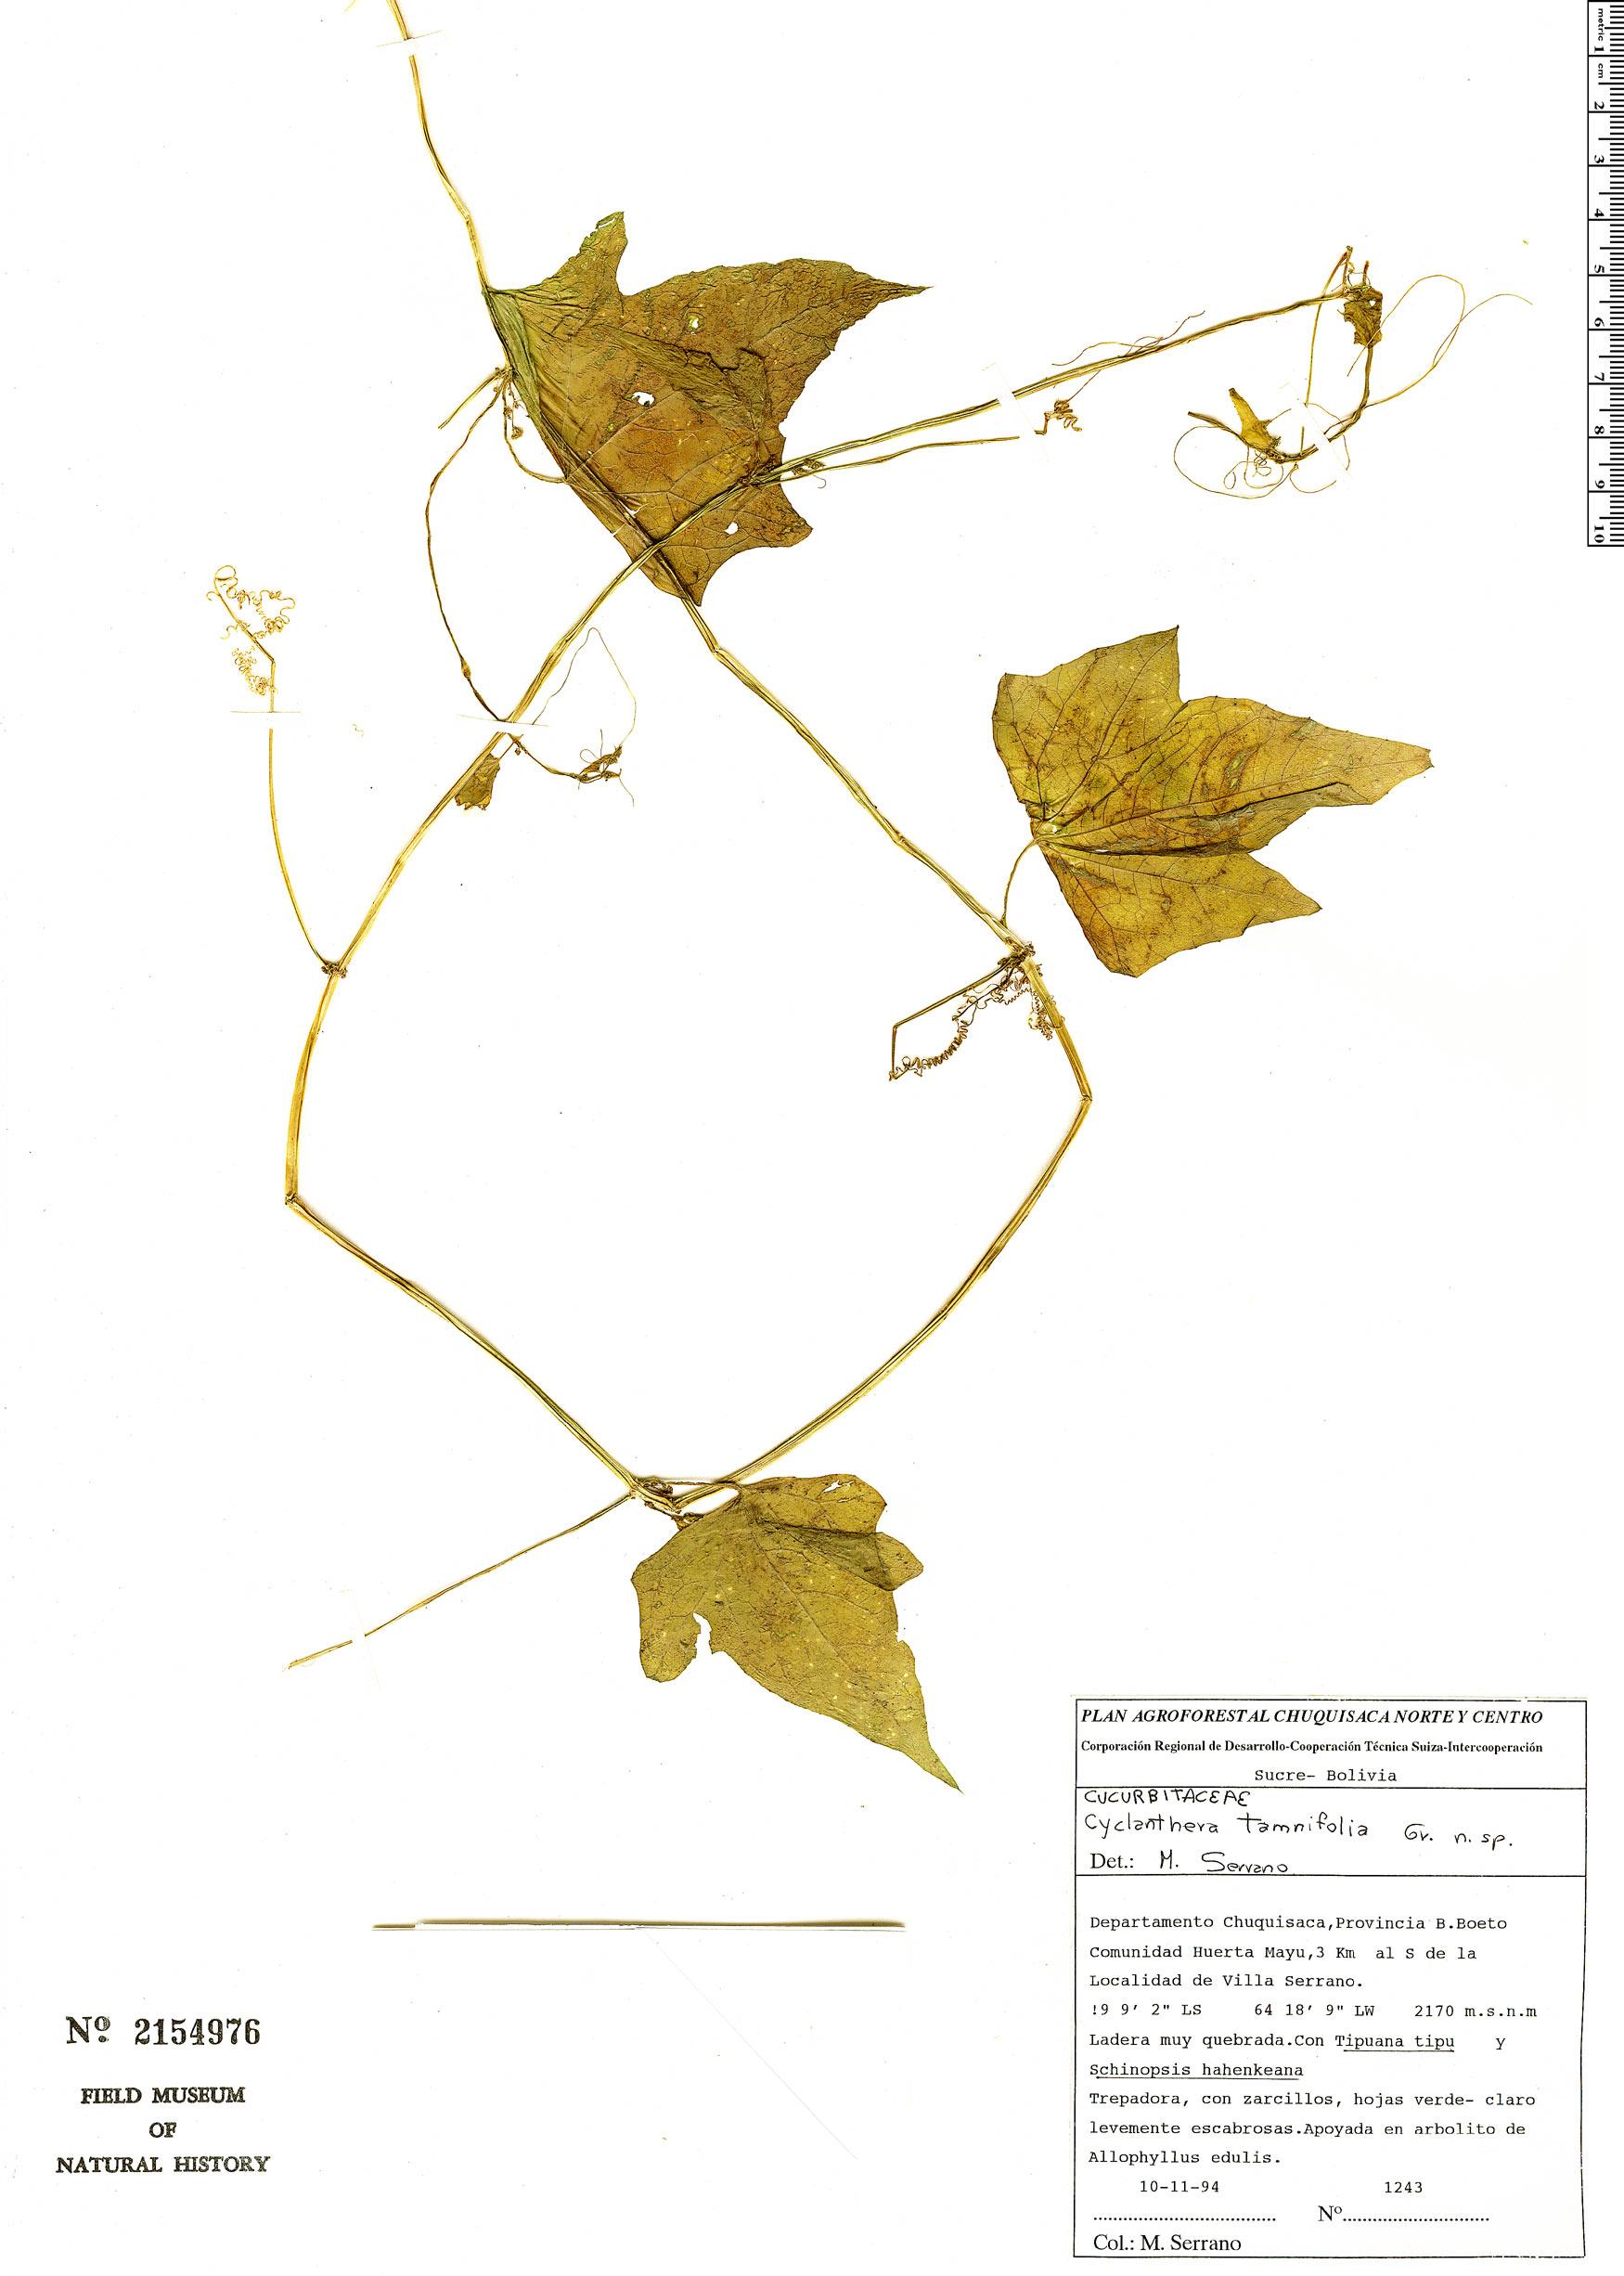 Specimen: Cyclanthera tamnifolia